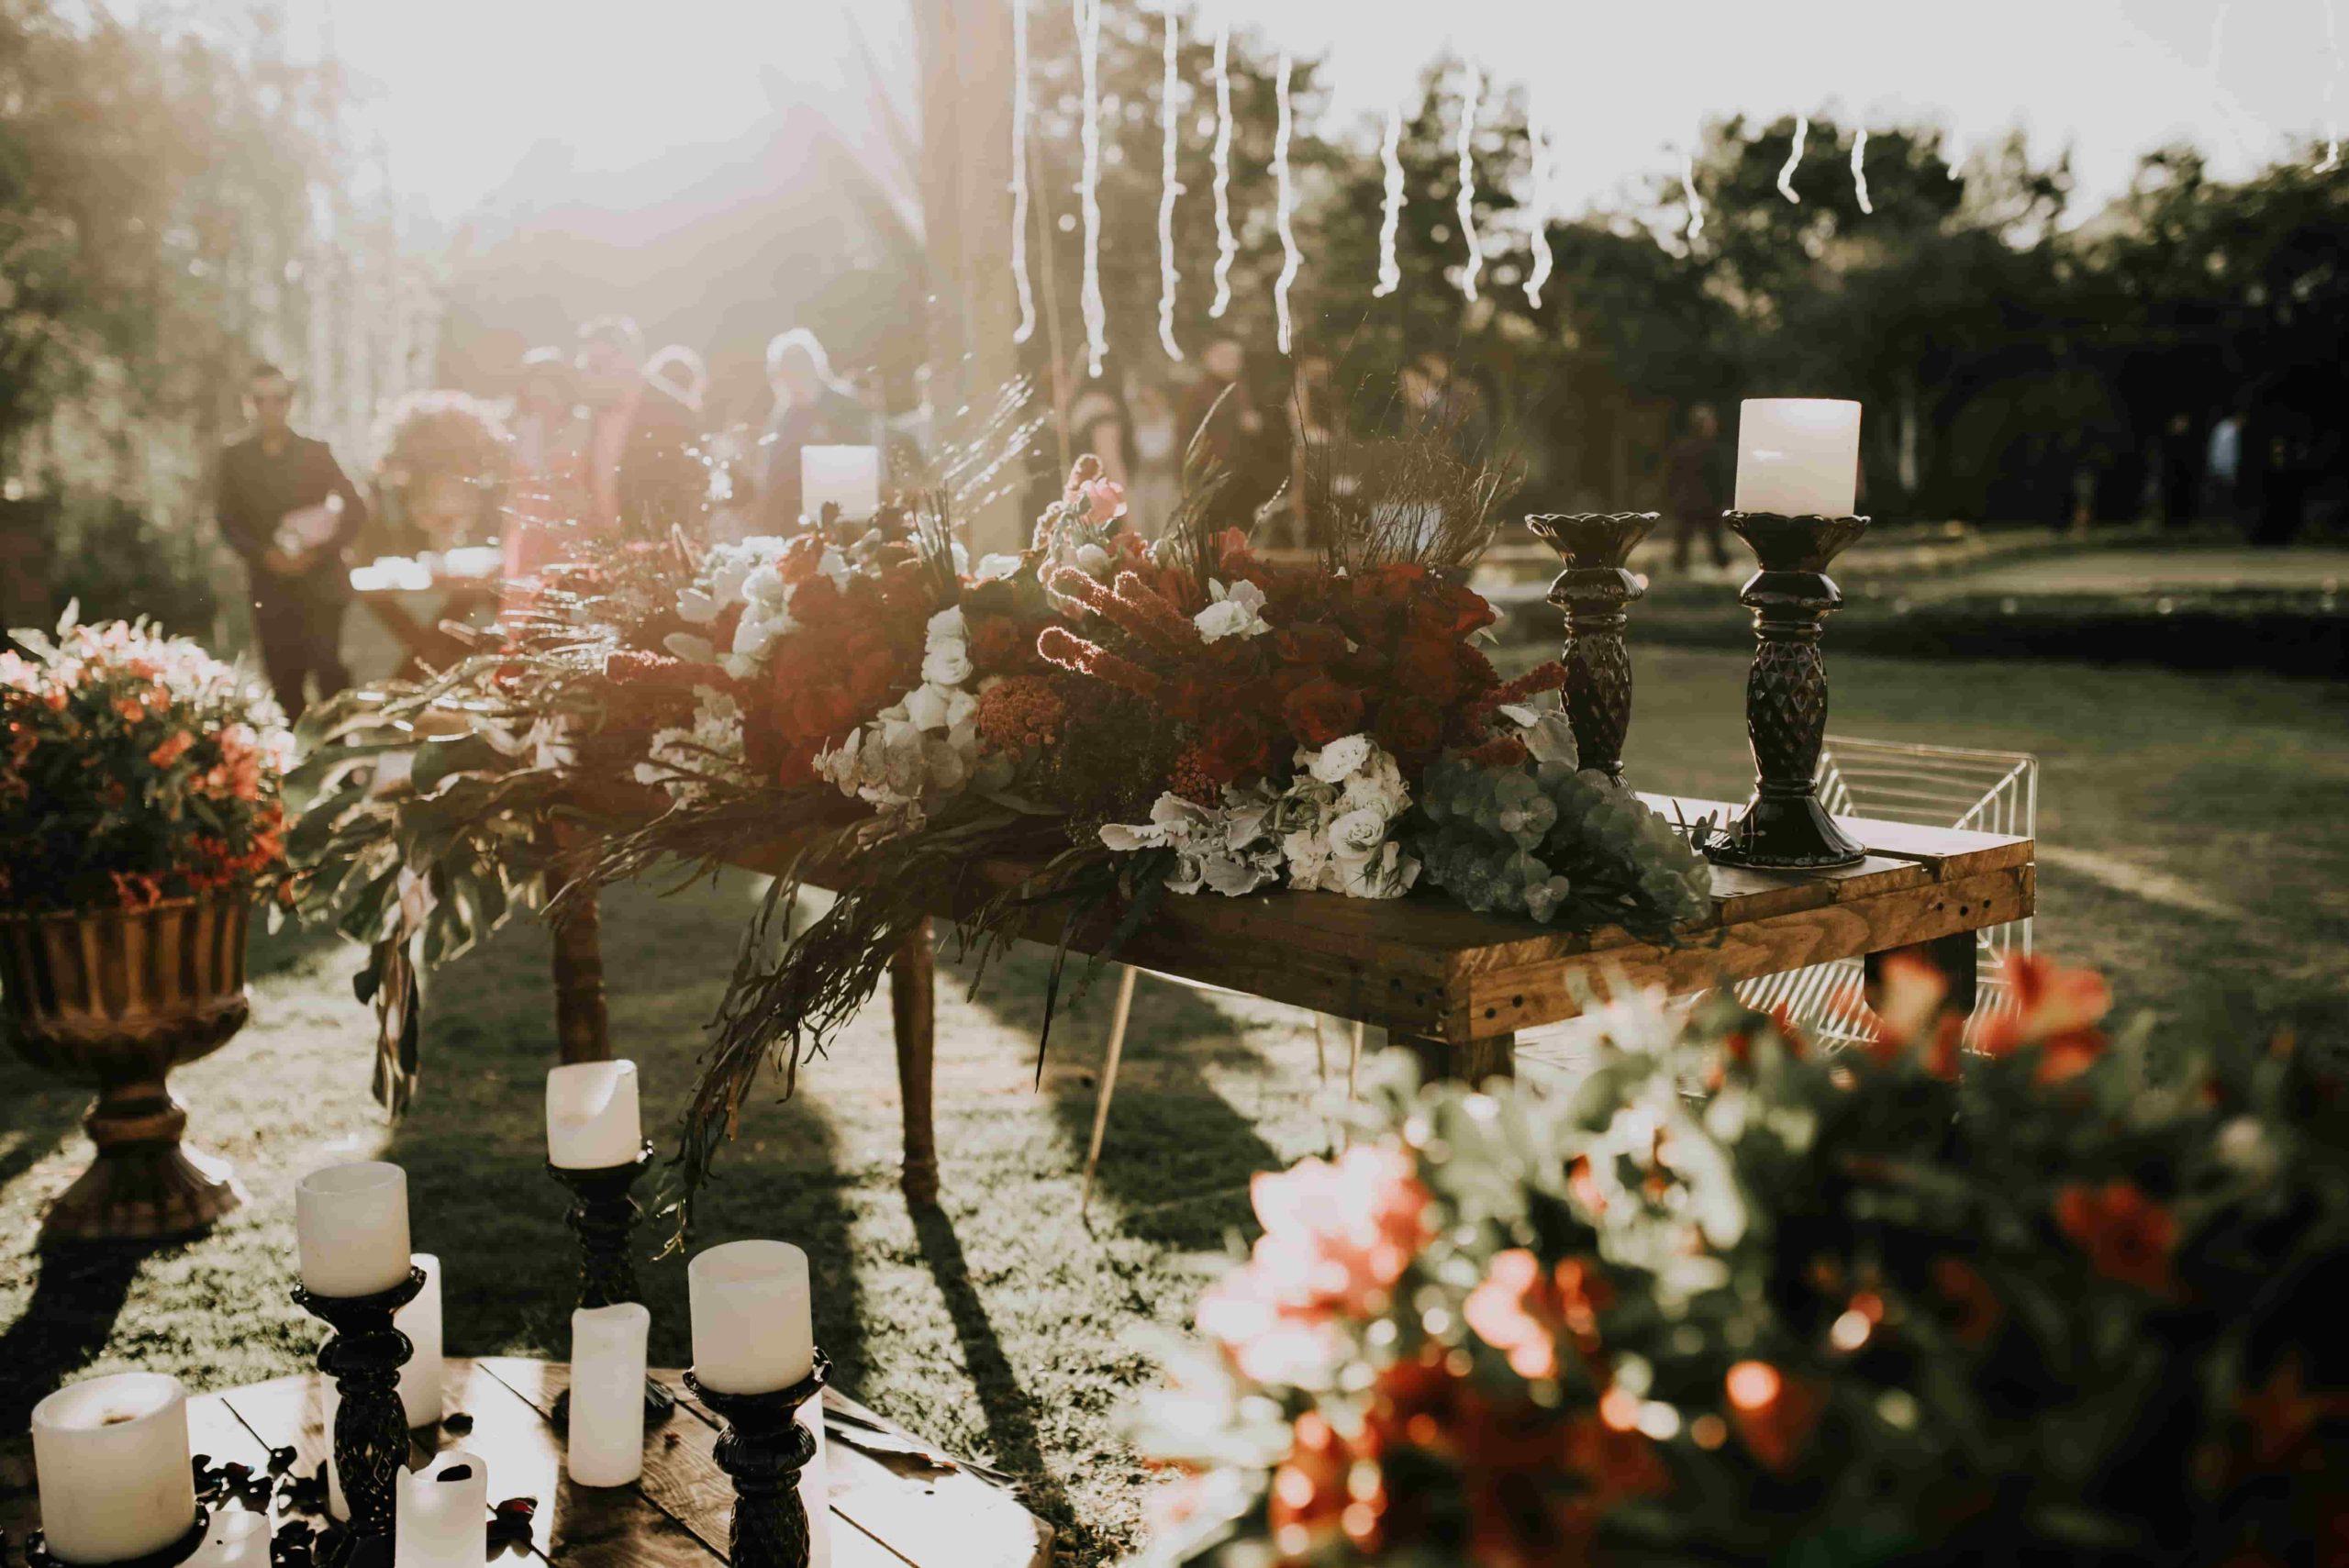 dekoracja small scaled - Jak zorganizować ostatnie pożegnanie pełne wspomnień?